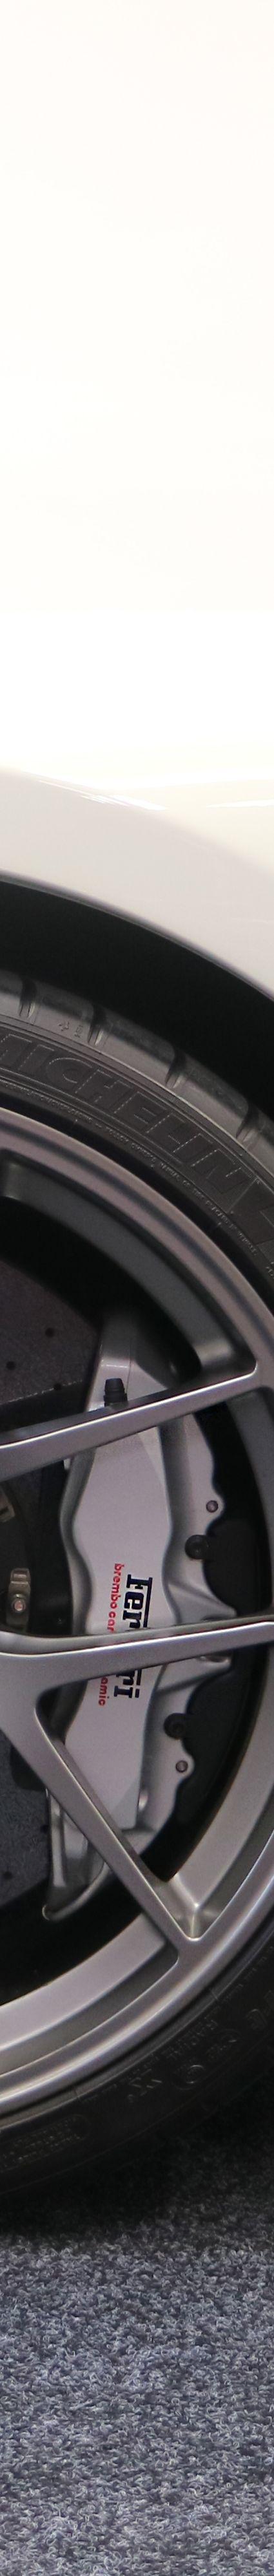 Wheel _ Side